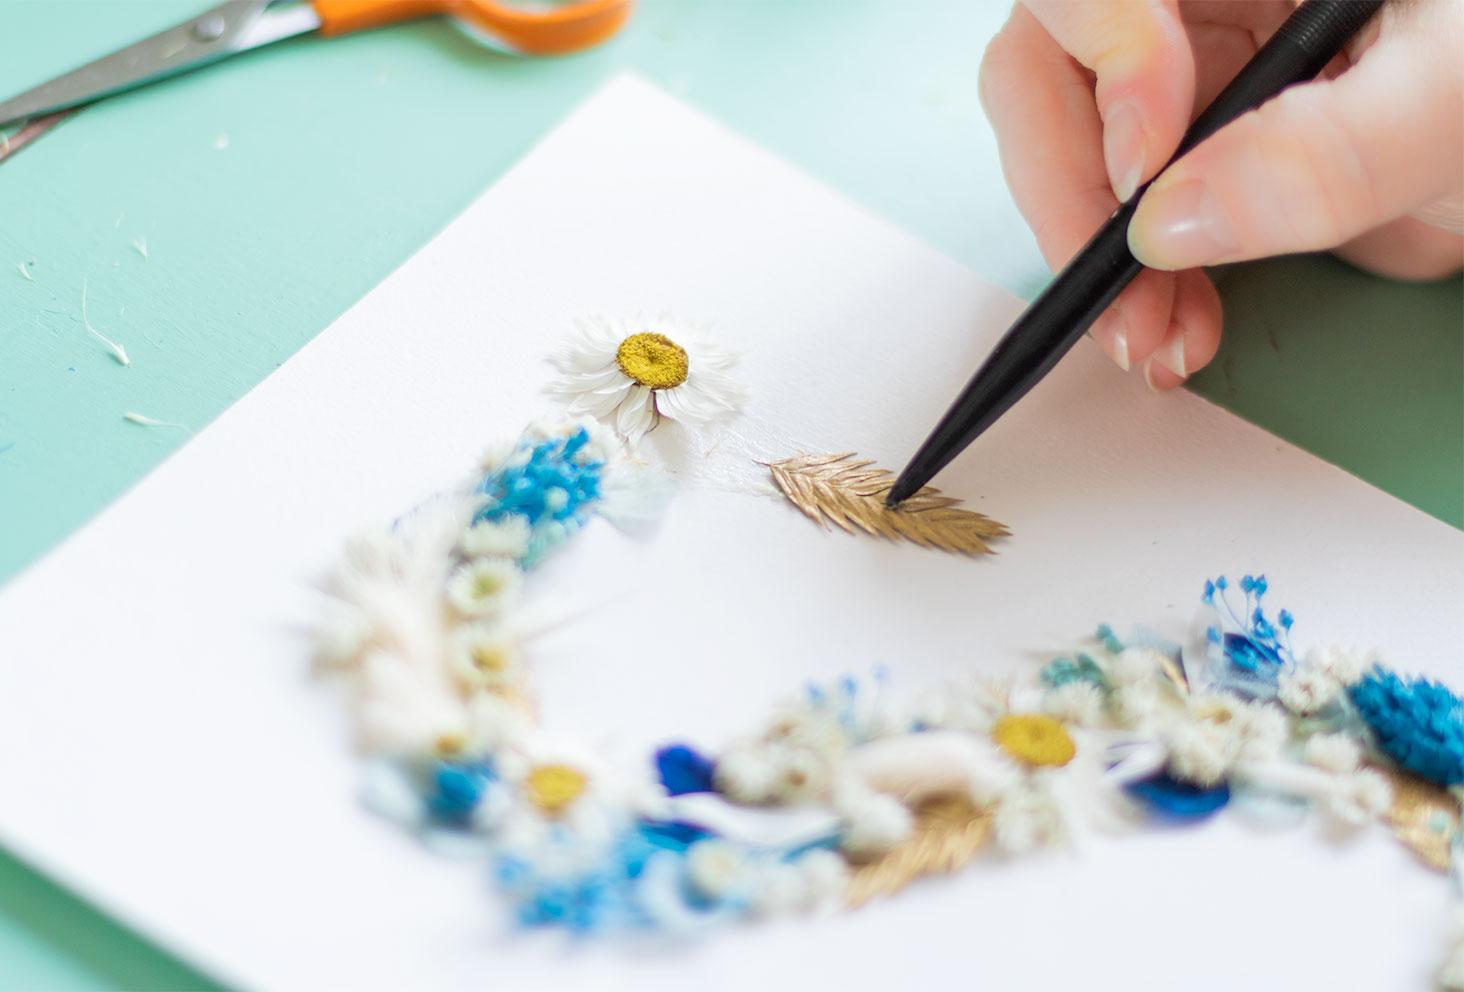 Remplissage de la fin de la lettre S avec une fleurs séchées dorée